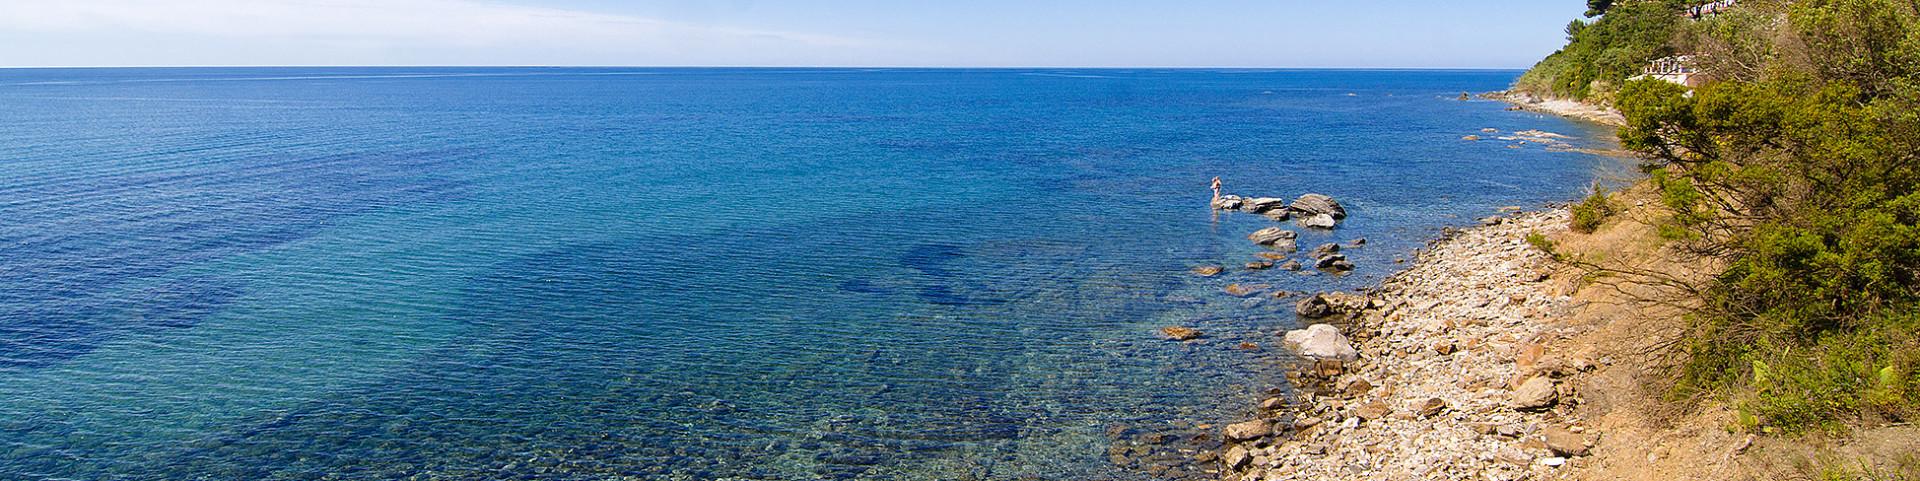 Marina di Casal Velino, v okolí je různý typ pláží, ne jen písčité